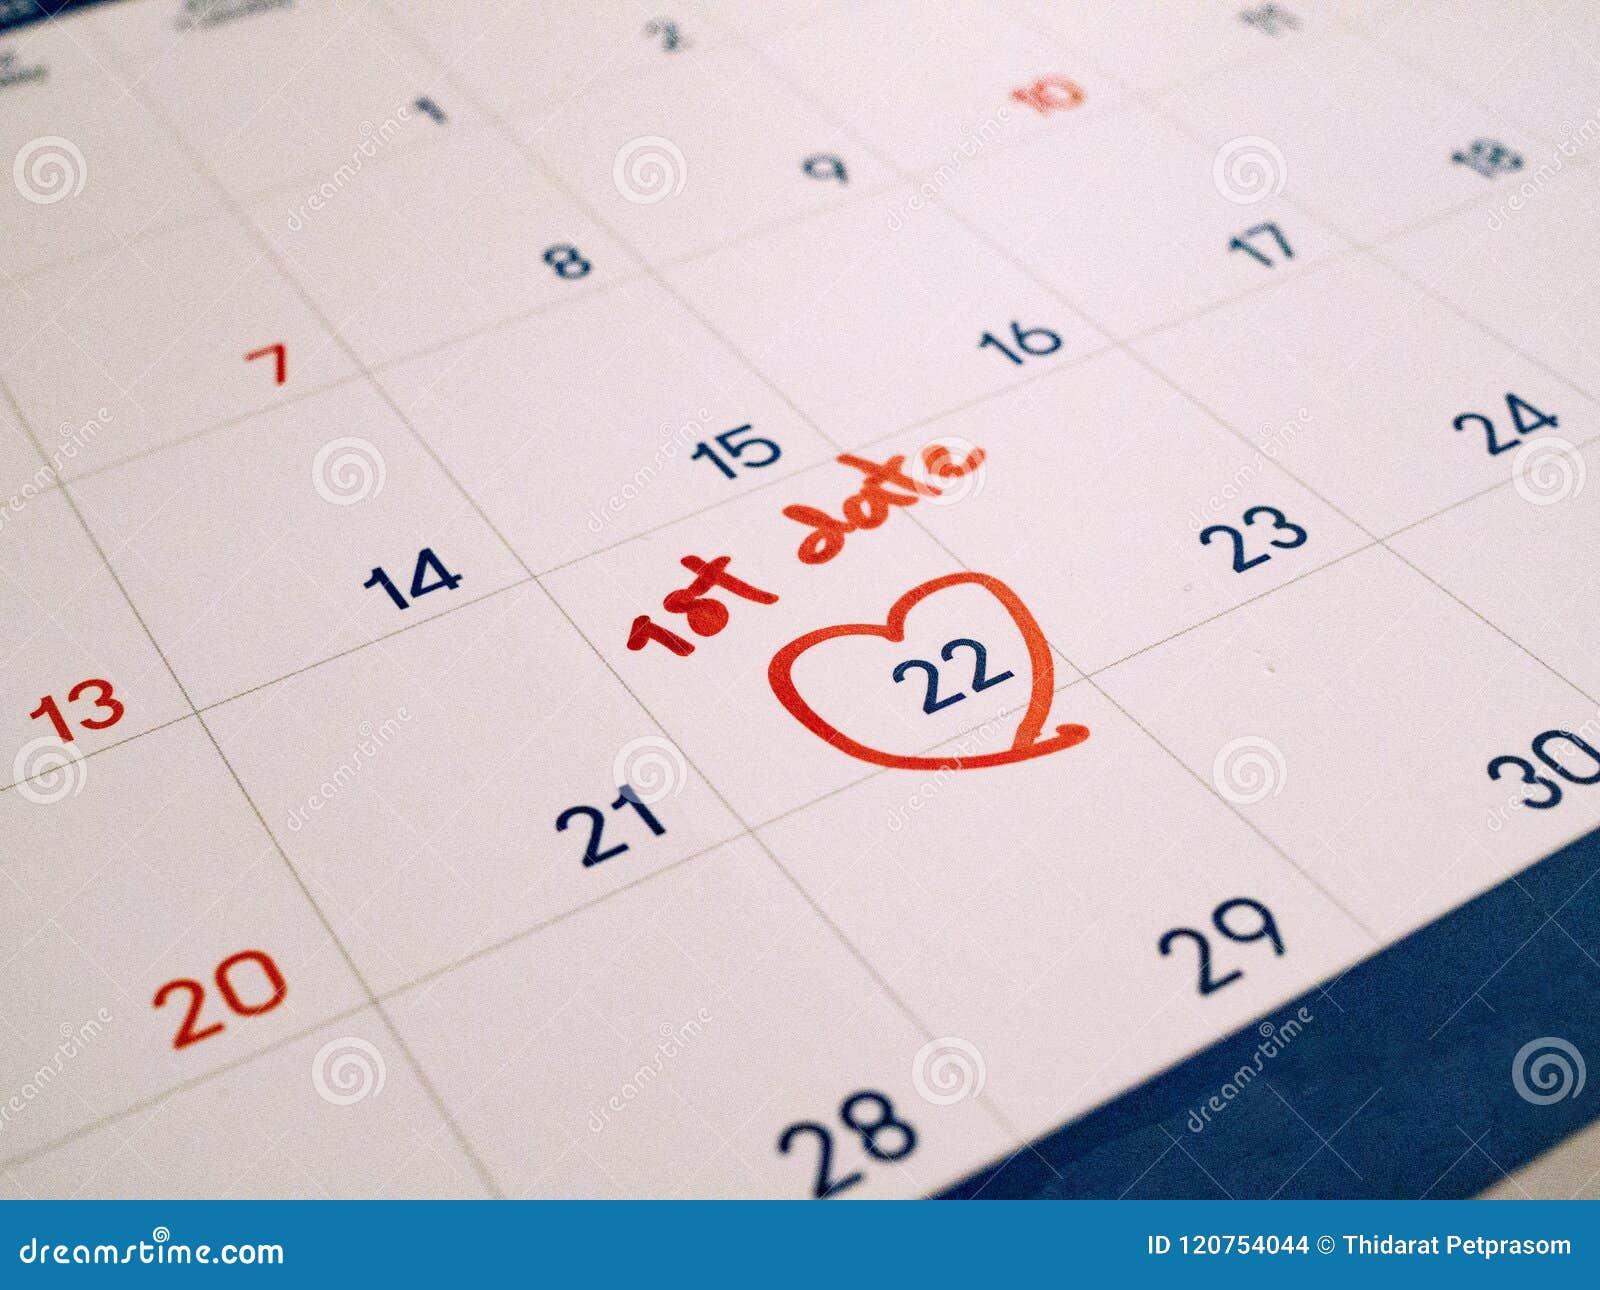 Κόκκινη πρώτη ημερομηνία που χαρακτηρίζεται κατά την άσπρη προβλεπόμενη ημερομηνία ημερολογιακών ημερήσιων διατάξεων για ρωμανικό